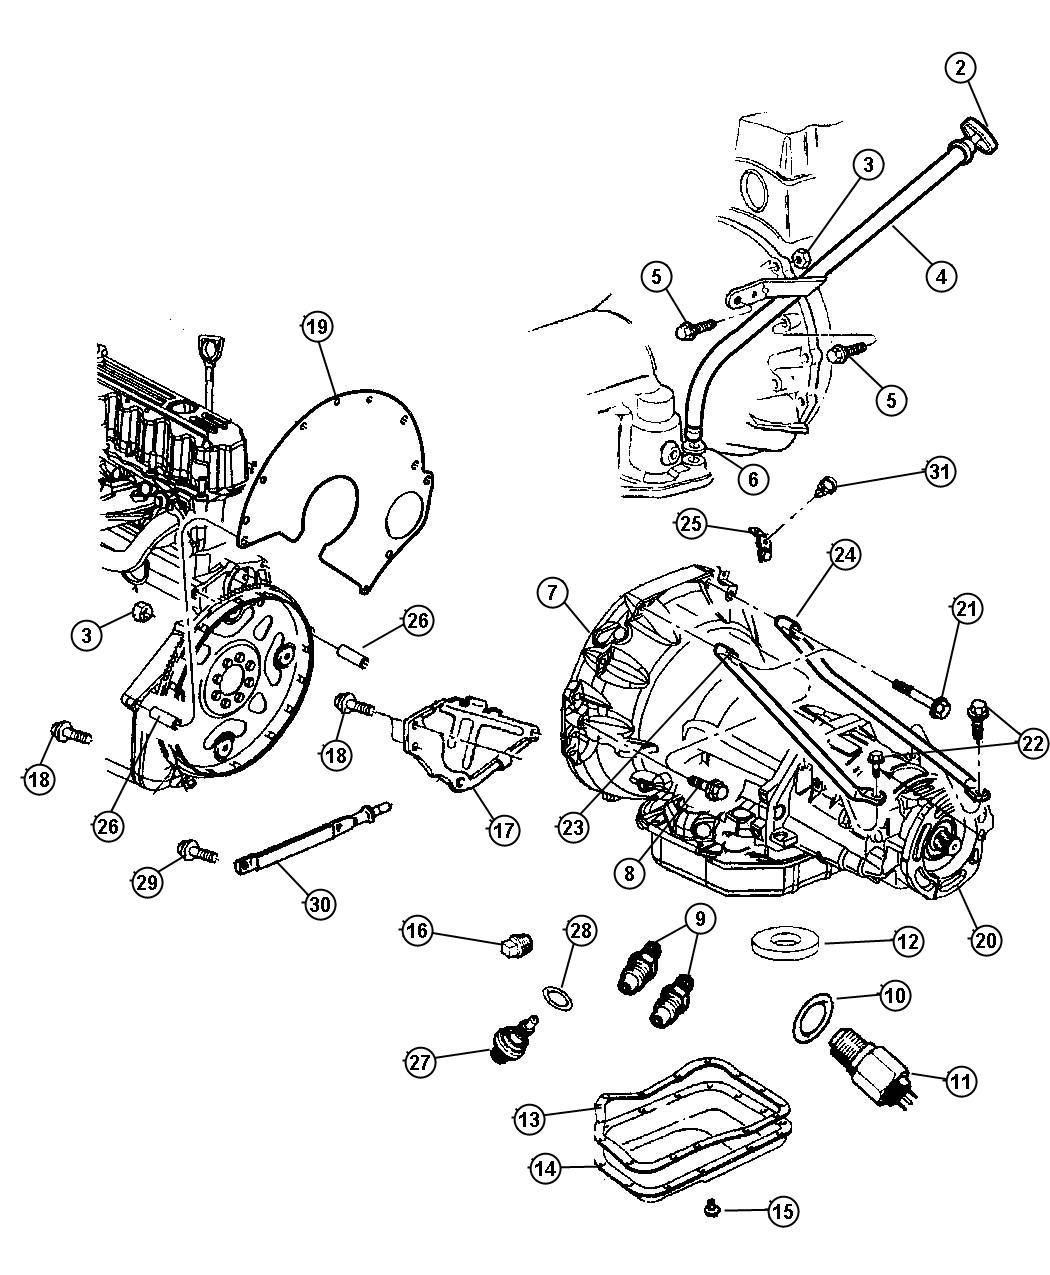 2001 grand marquis wiring schematic